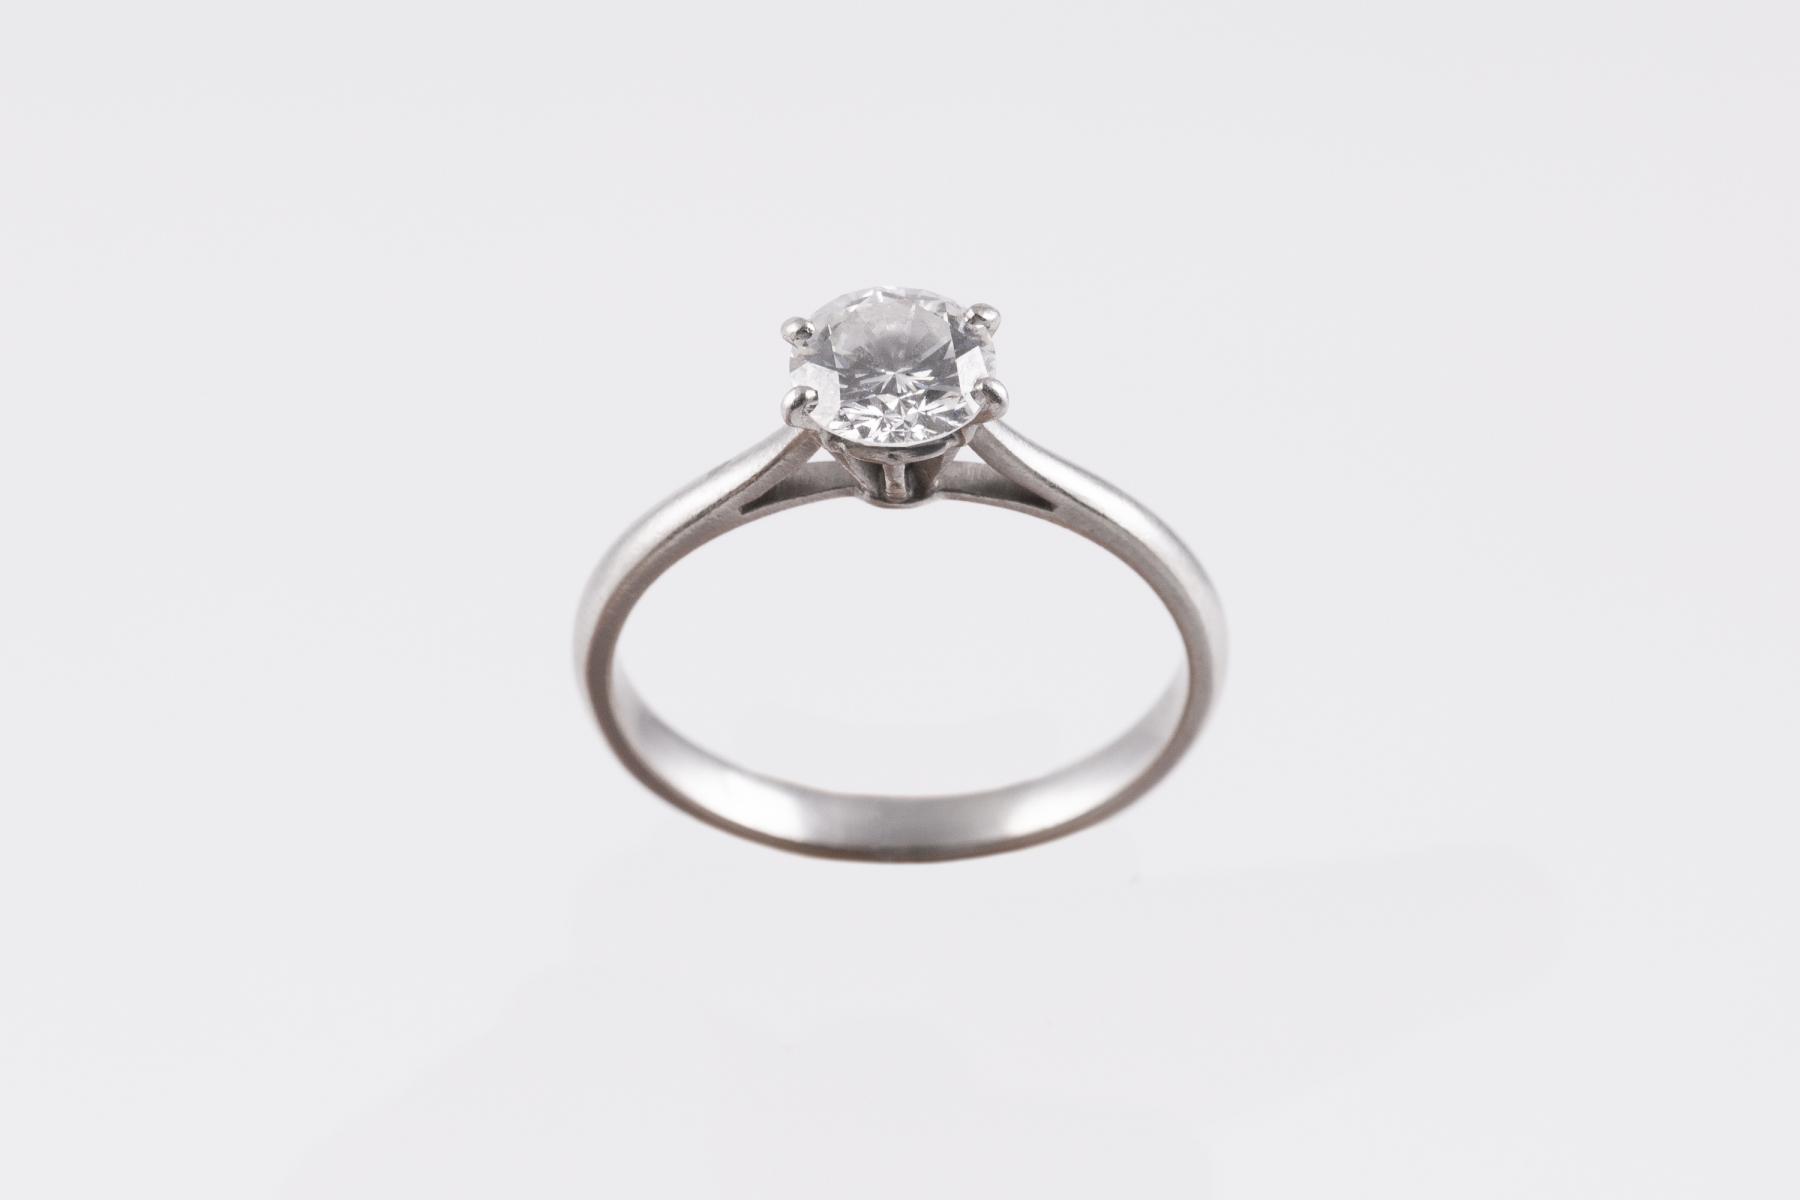 90- Bague solitaire en platine sertie d'un diamant central d'environ 0,7cts. Adjugé 1050€